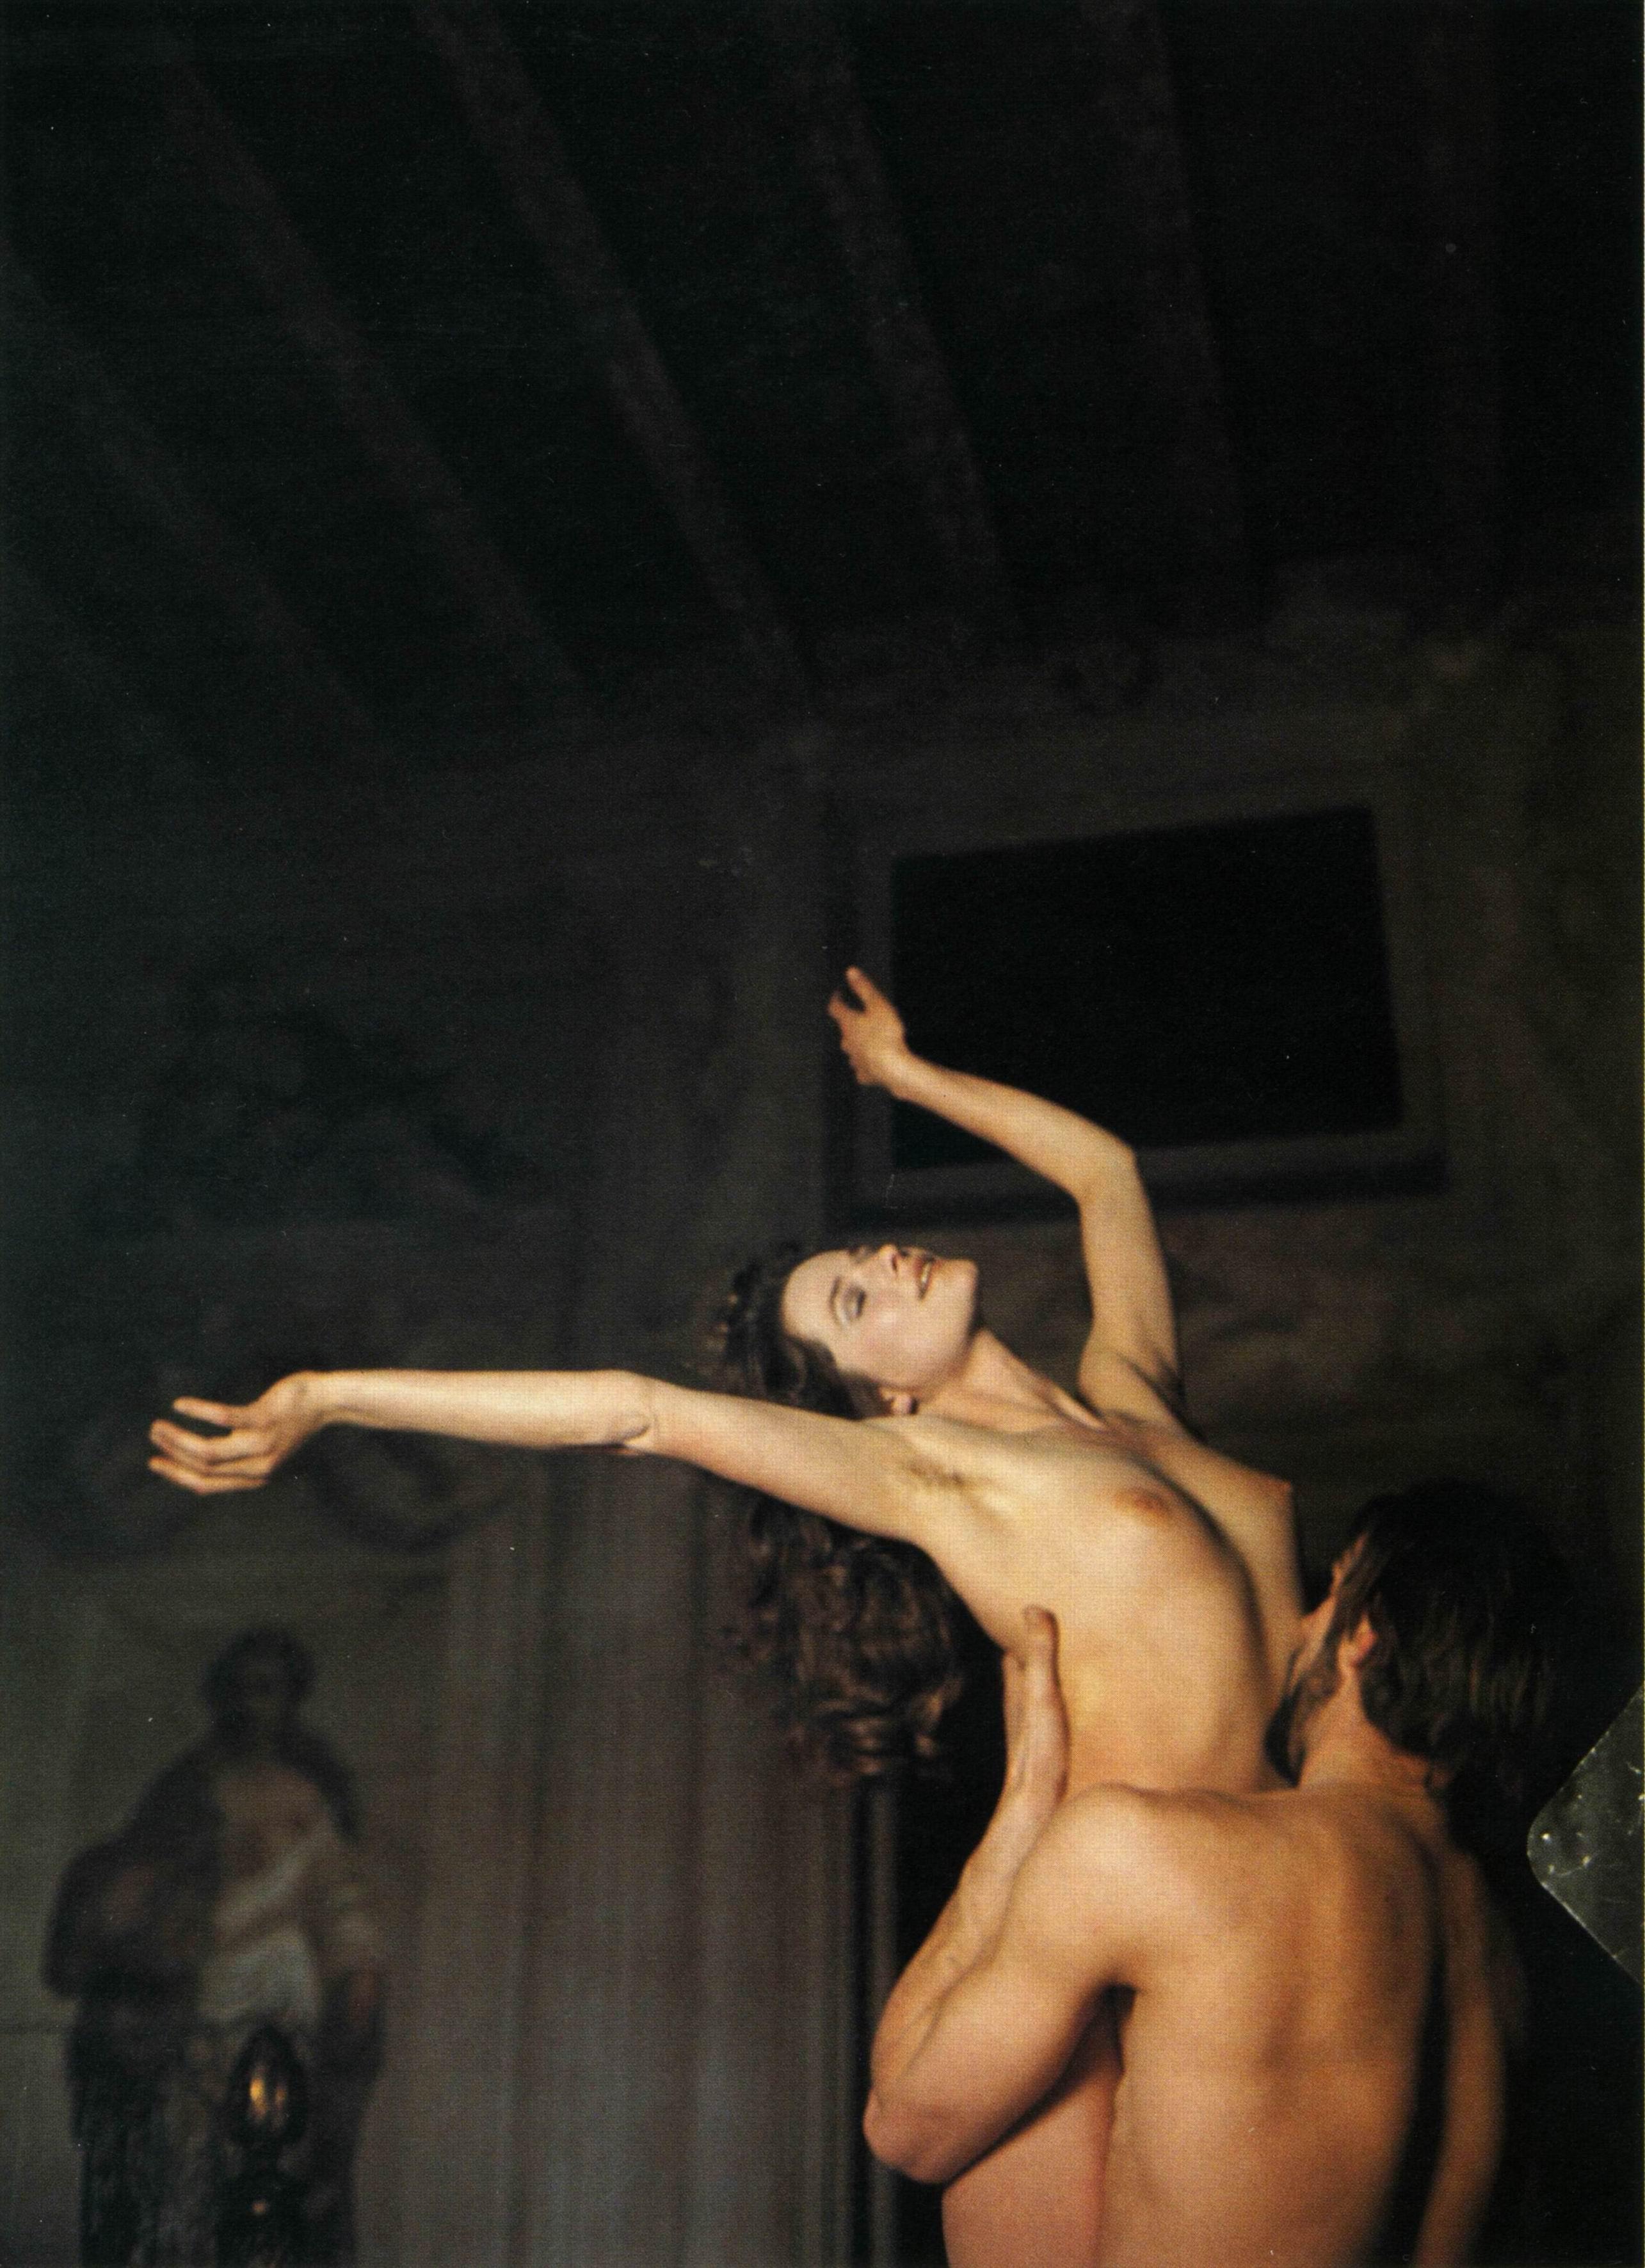 Обнаженная порно модель Шарлотта Рэмплинг смотреть онлайн 1 фото